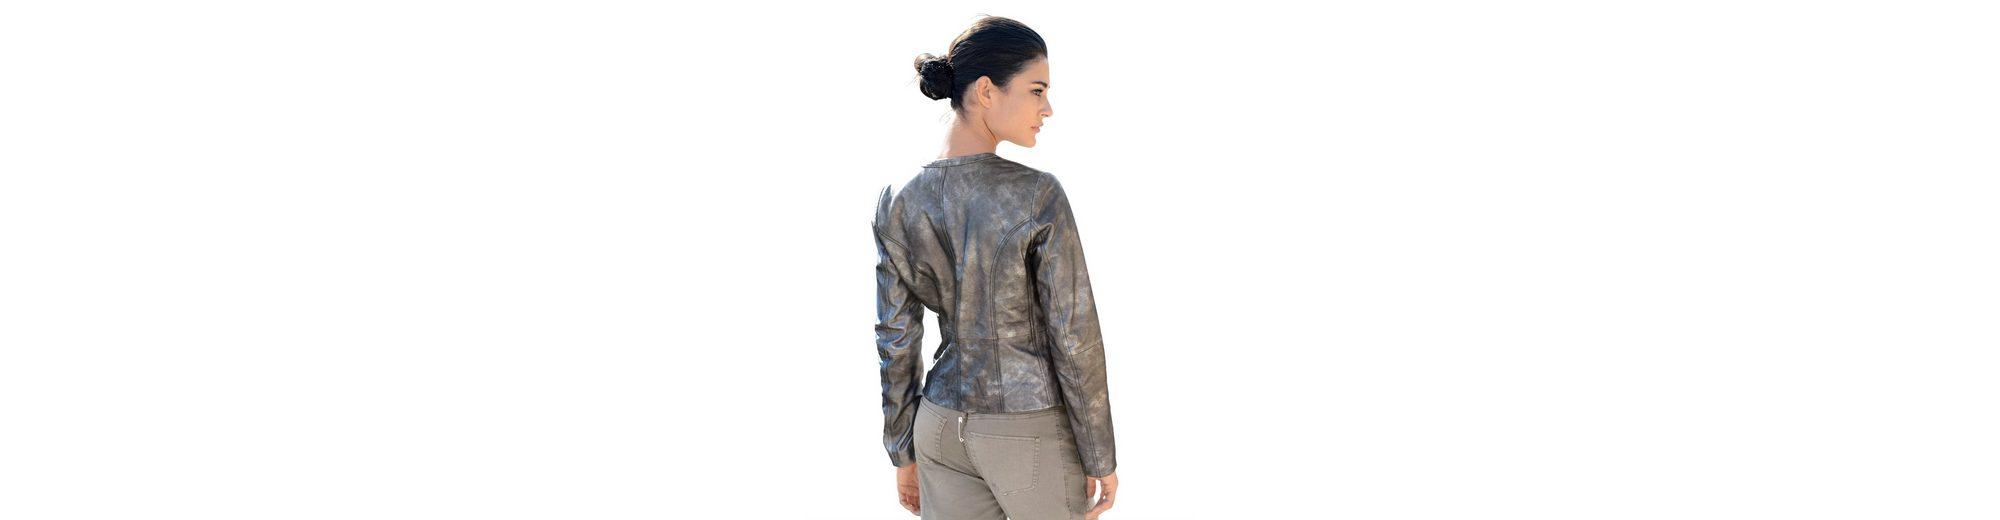 Verkauf Niedrig Kosten Alba Moda Lederjacke mit Metallic-Print mit Metallic-Effekt Ja Wirklich kAb8qhdvft